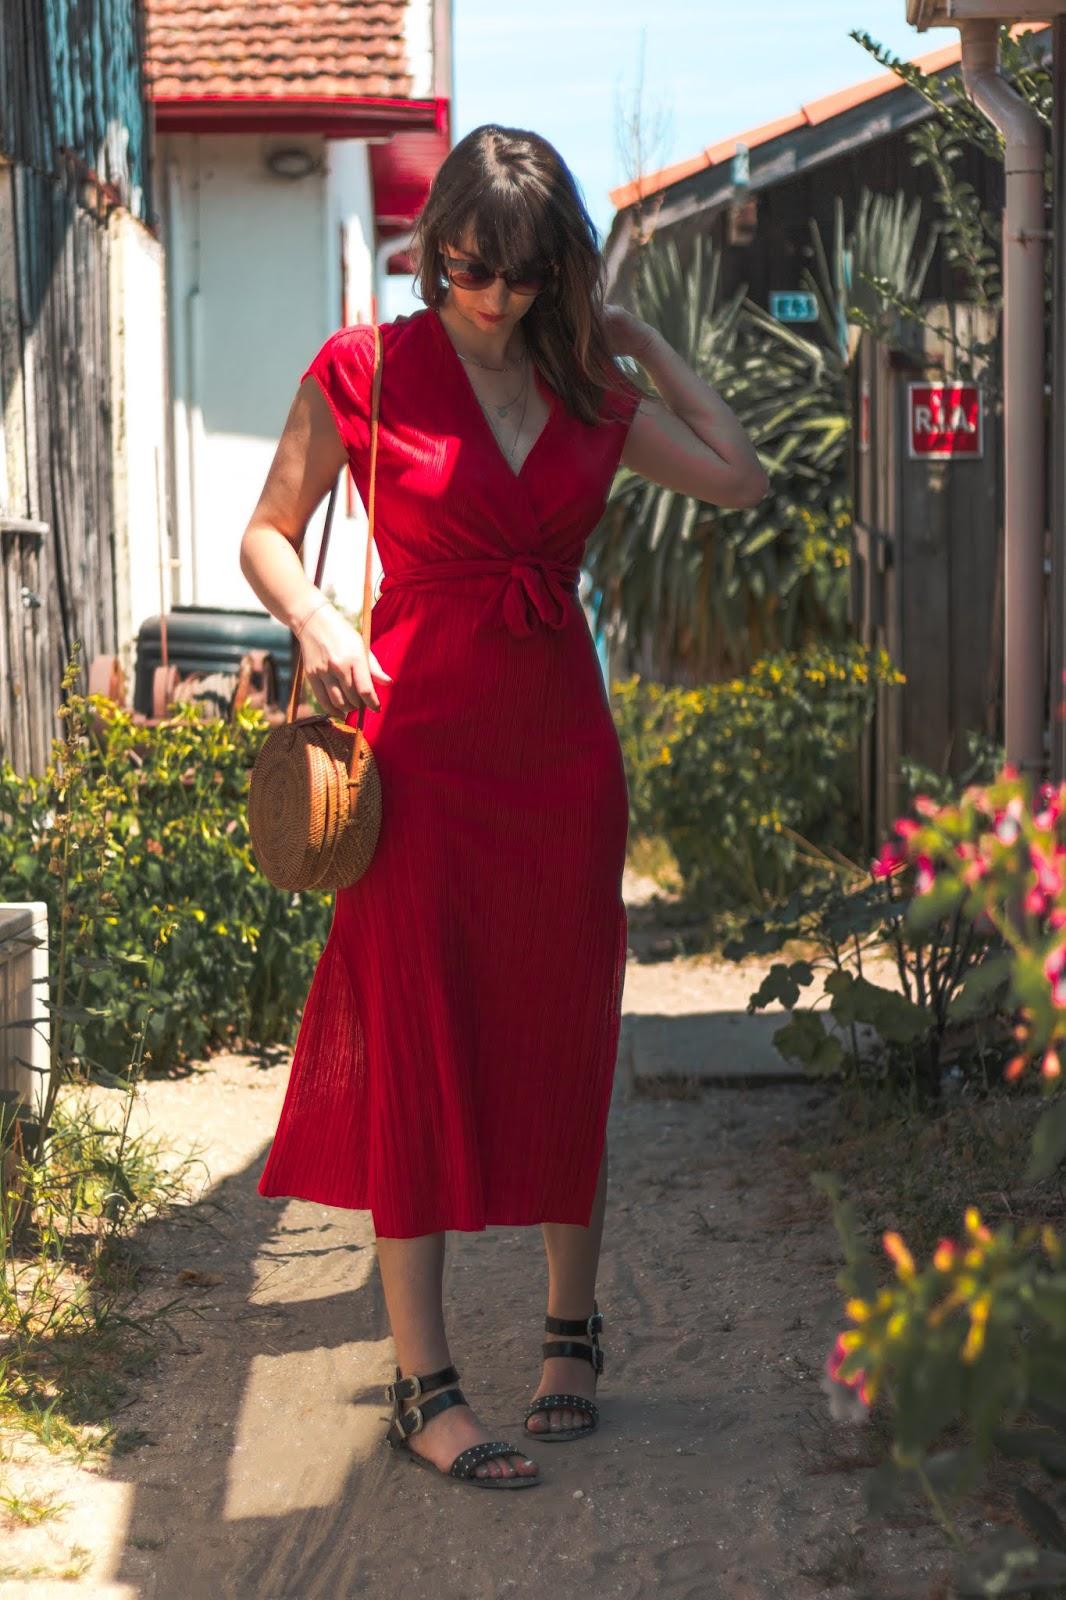 comment porter la robe rouge en été